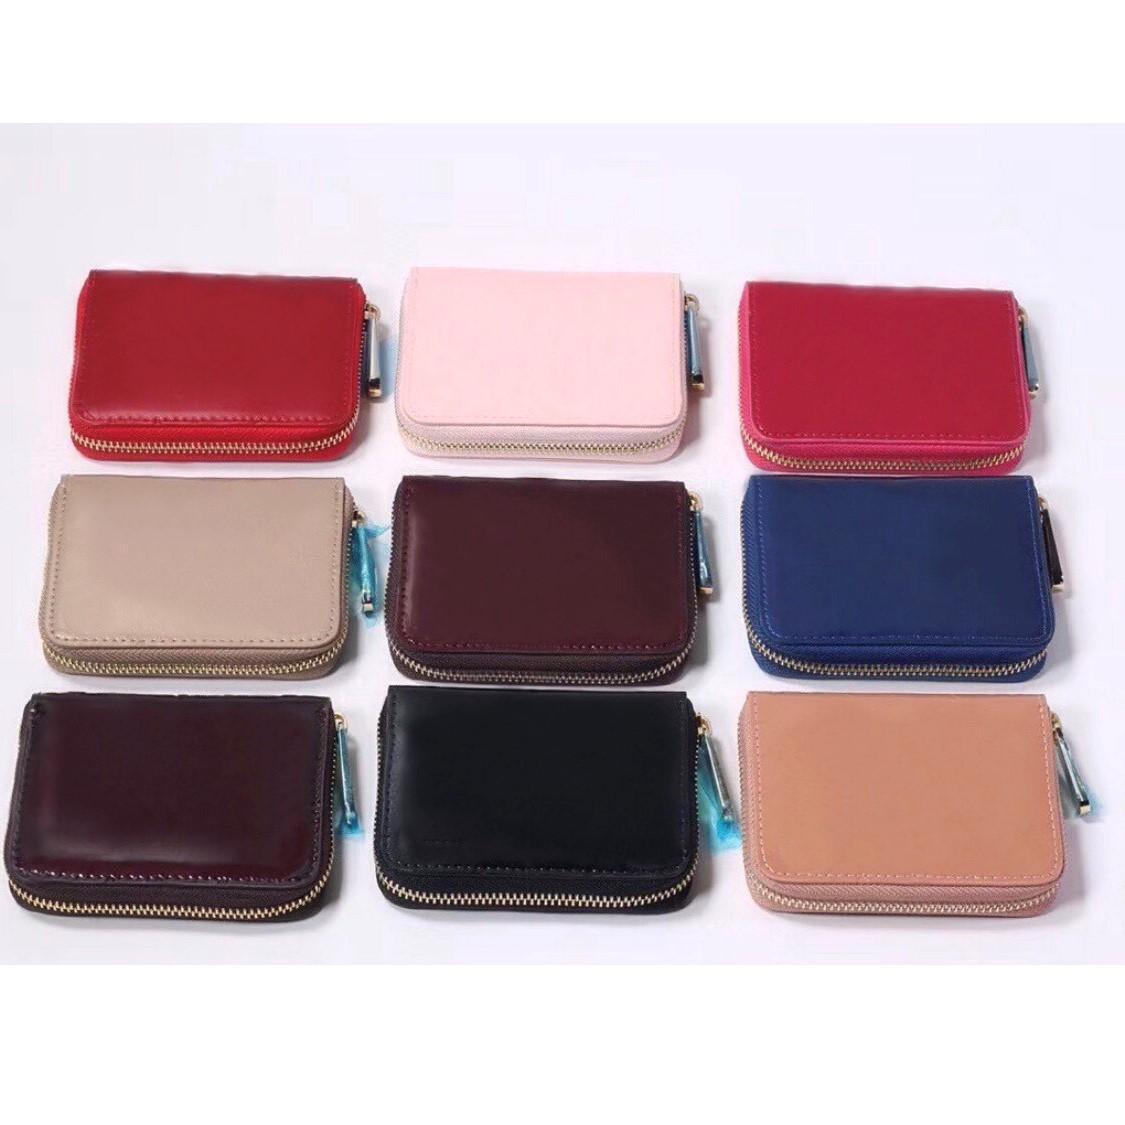 Лакированной кожи Короткие бумажник моды бумажник для леди высокого качества Shinny Кожа держателя карты Портмоне женщин Кошелек Классический карман на молнии